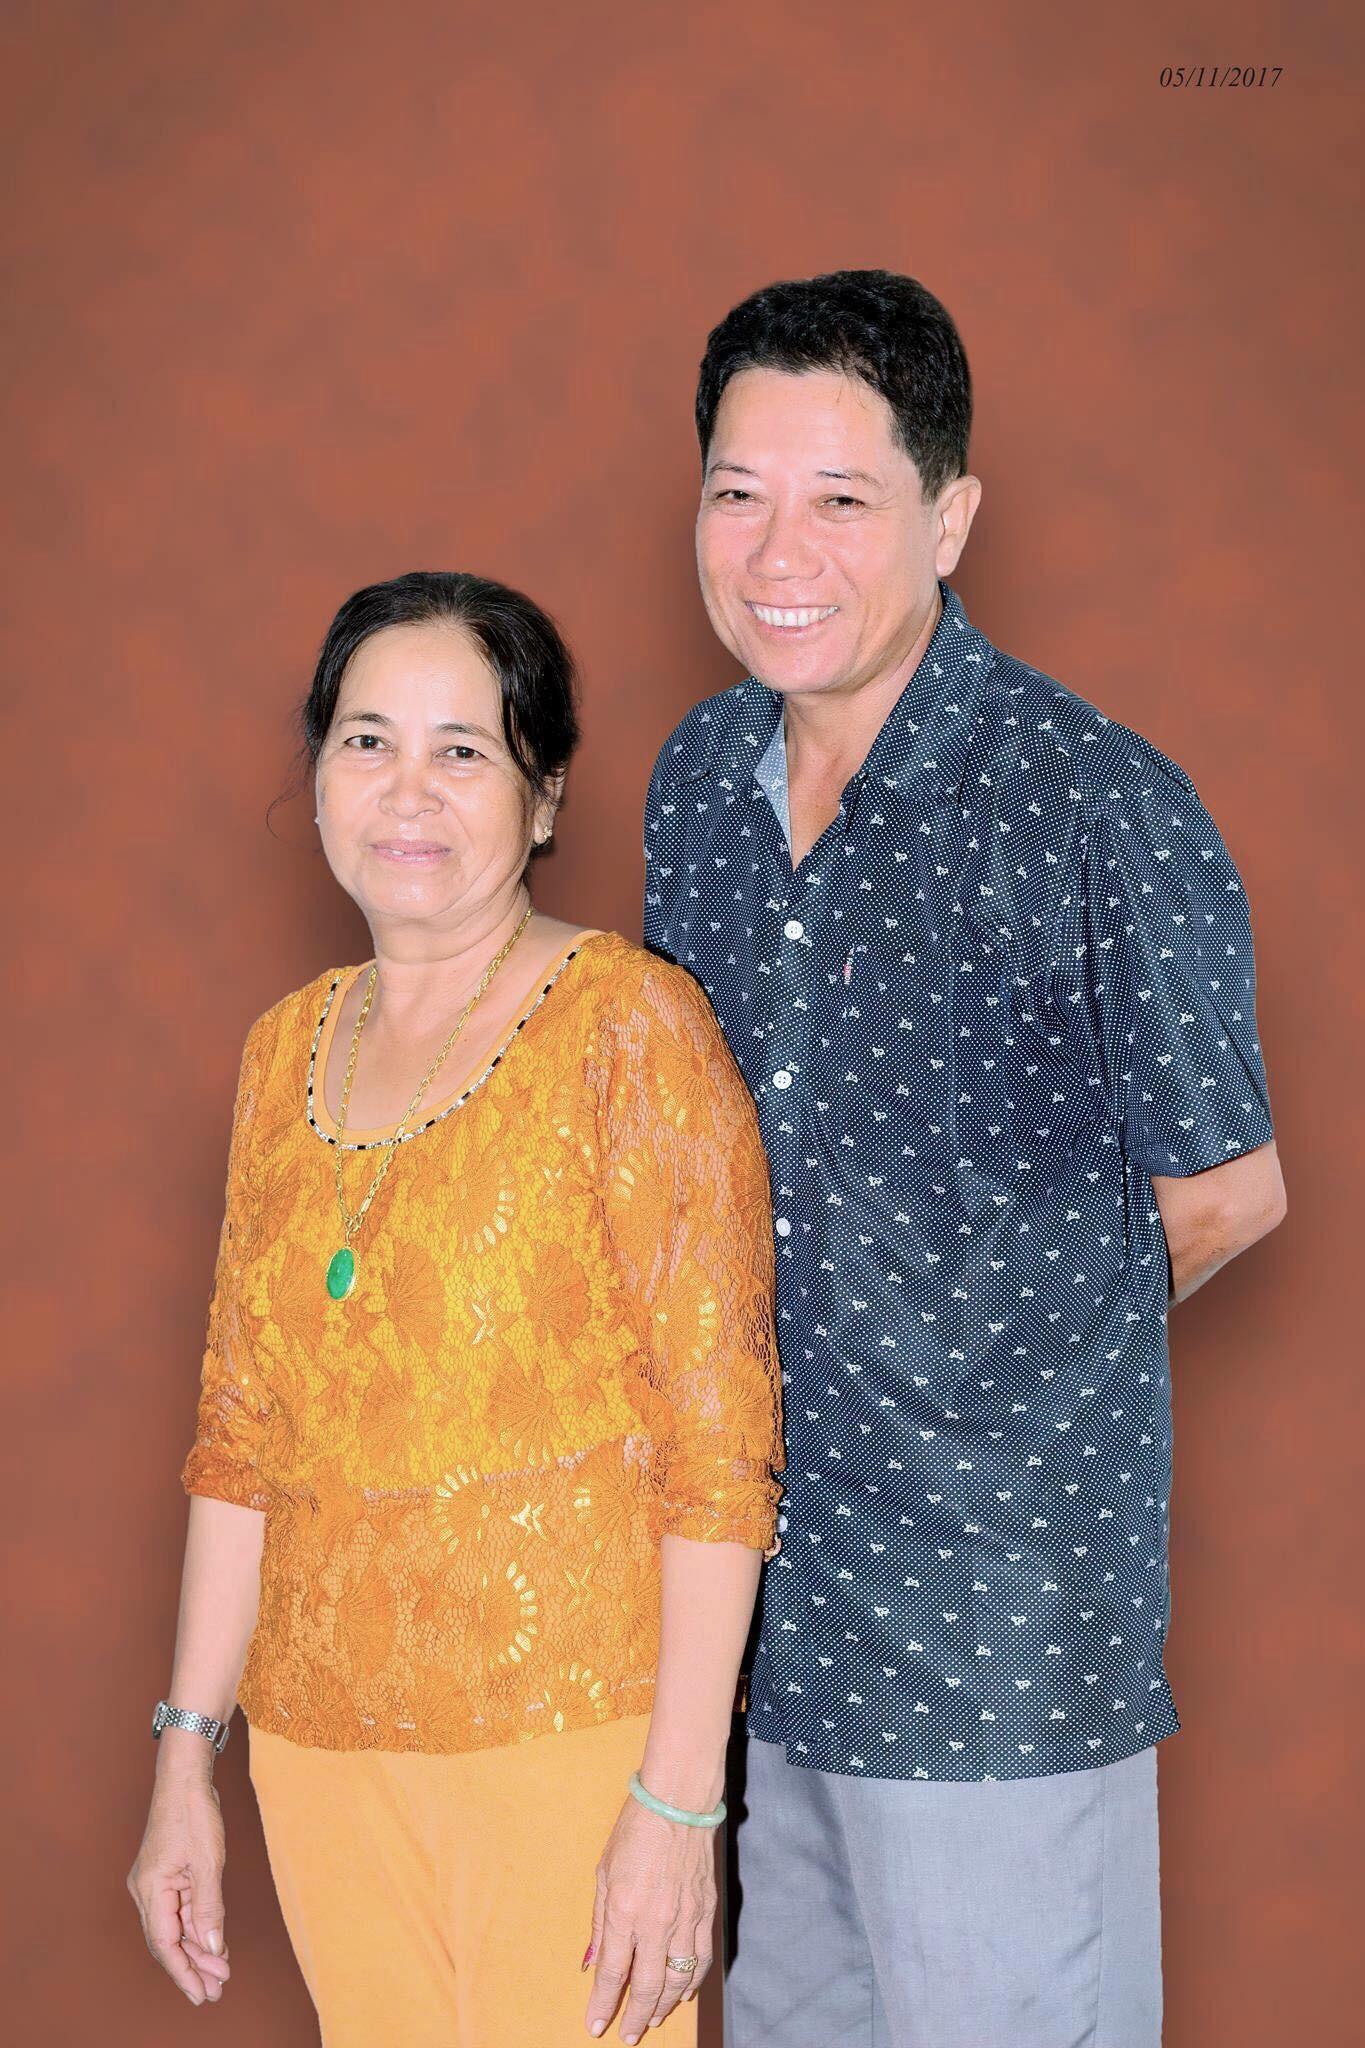 Bộ ảnh bình dị của cặp vợ chồng sau 40 năm bên nhau đốn tim cộng đồng mạng: Nụ cười của ba mẹ luôn đẹp nhất dưới ống kính của con - Ảnh 8.